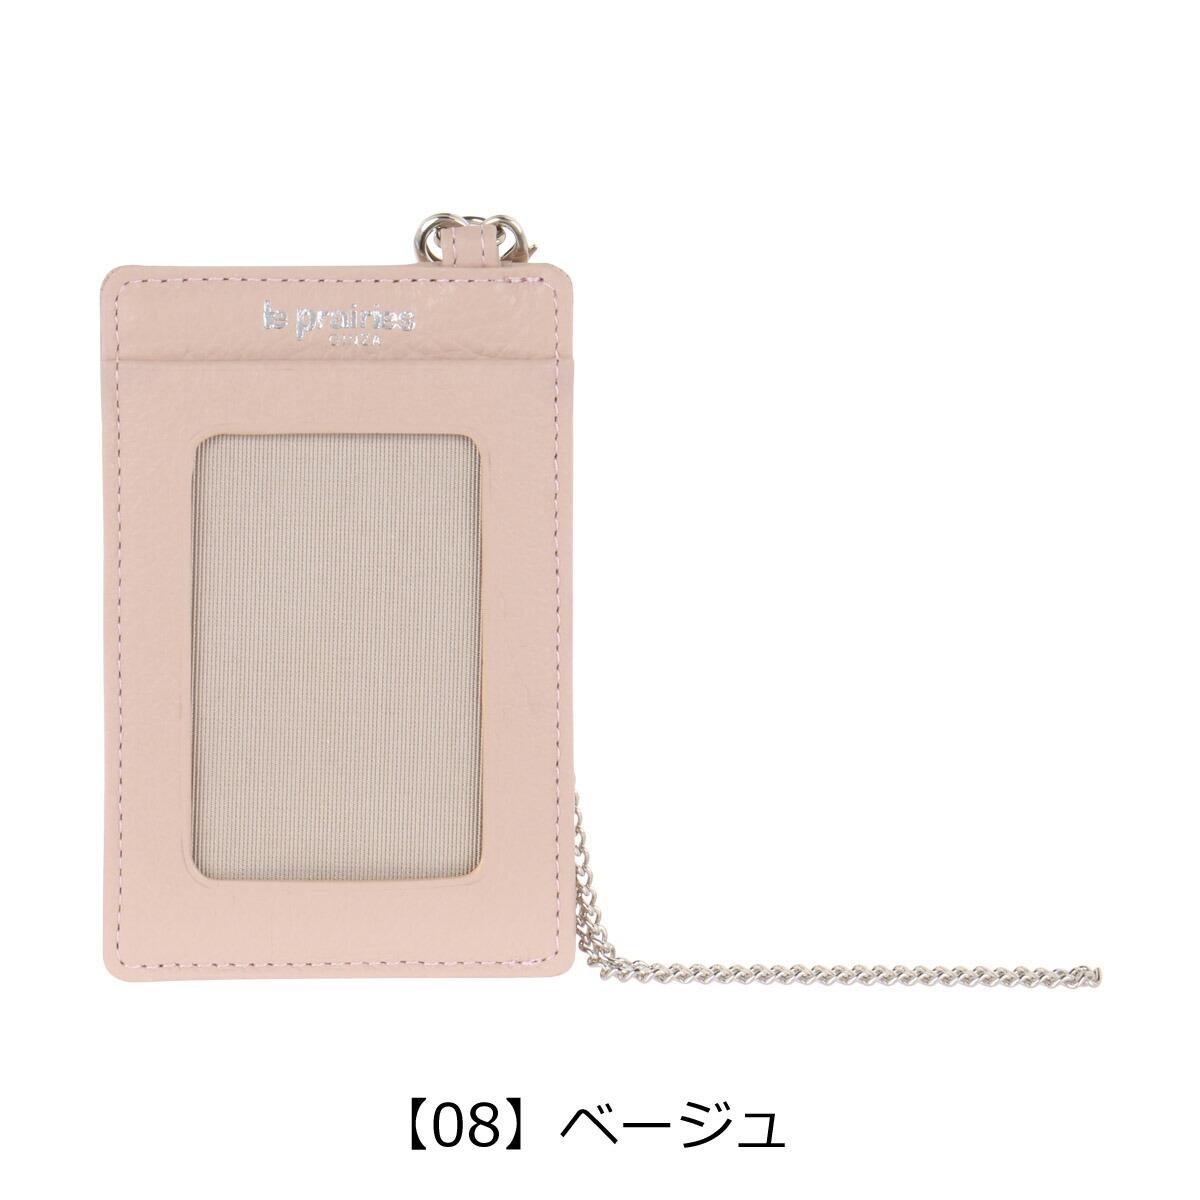 【08】ベージュ